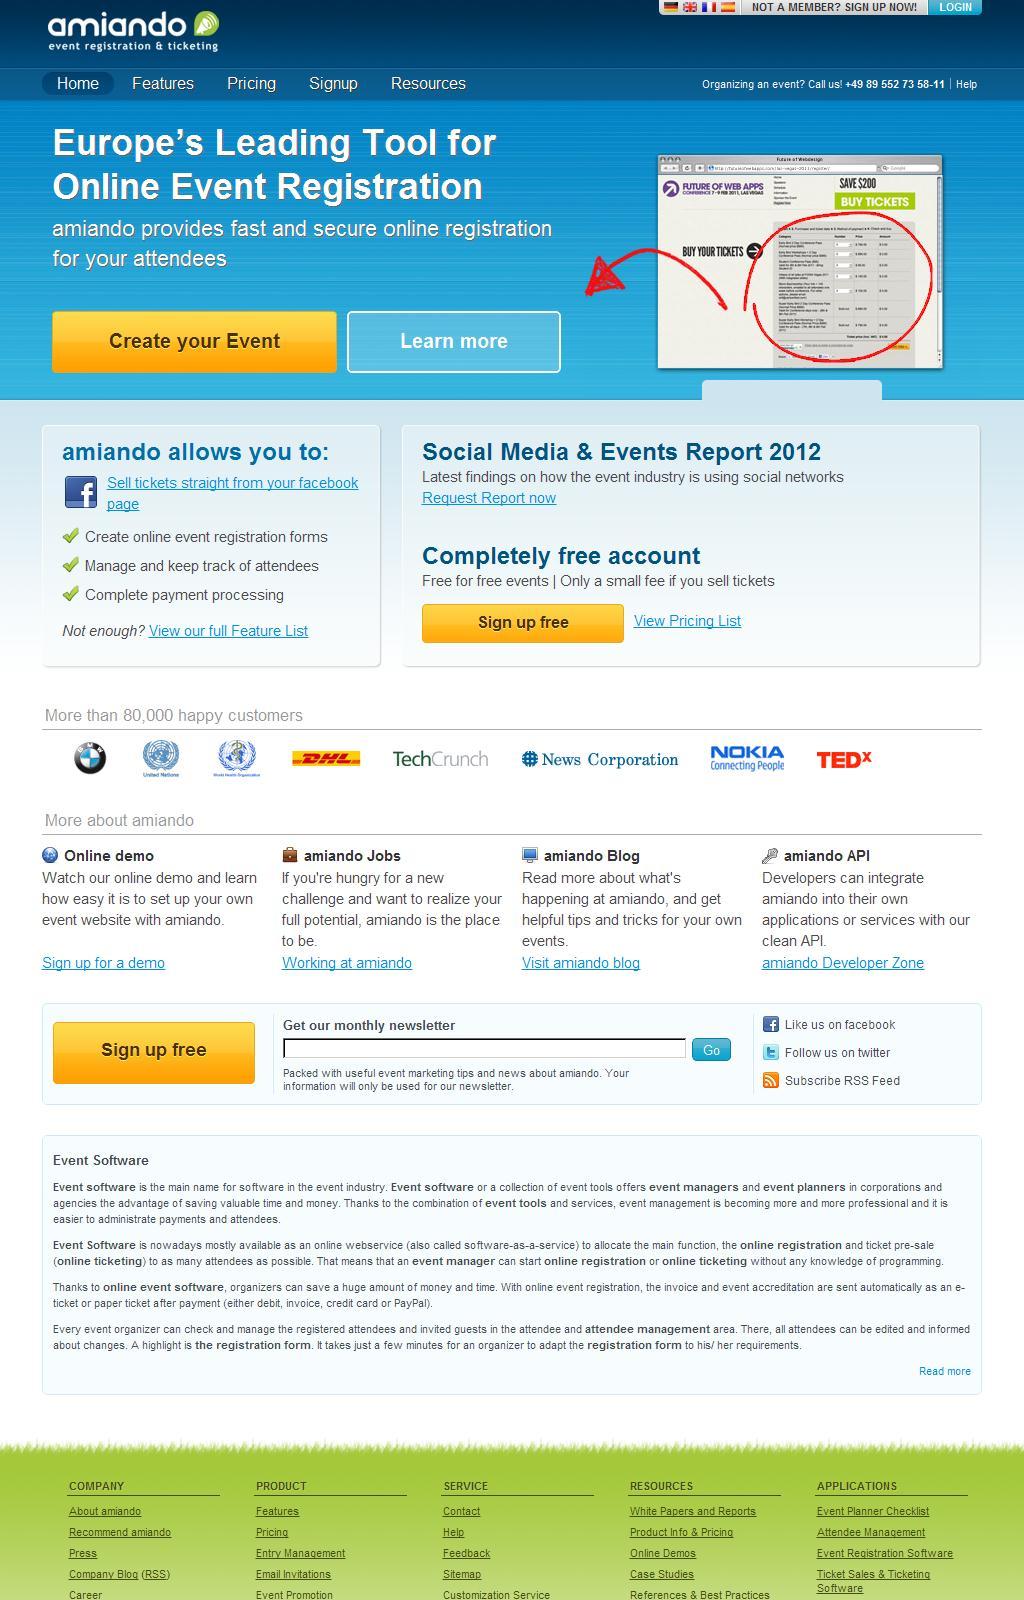 Online Event Registration Software - amiando.com